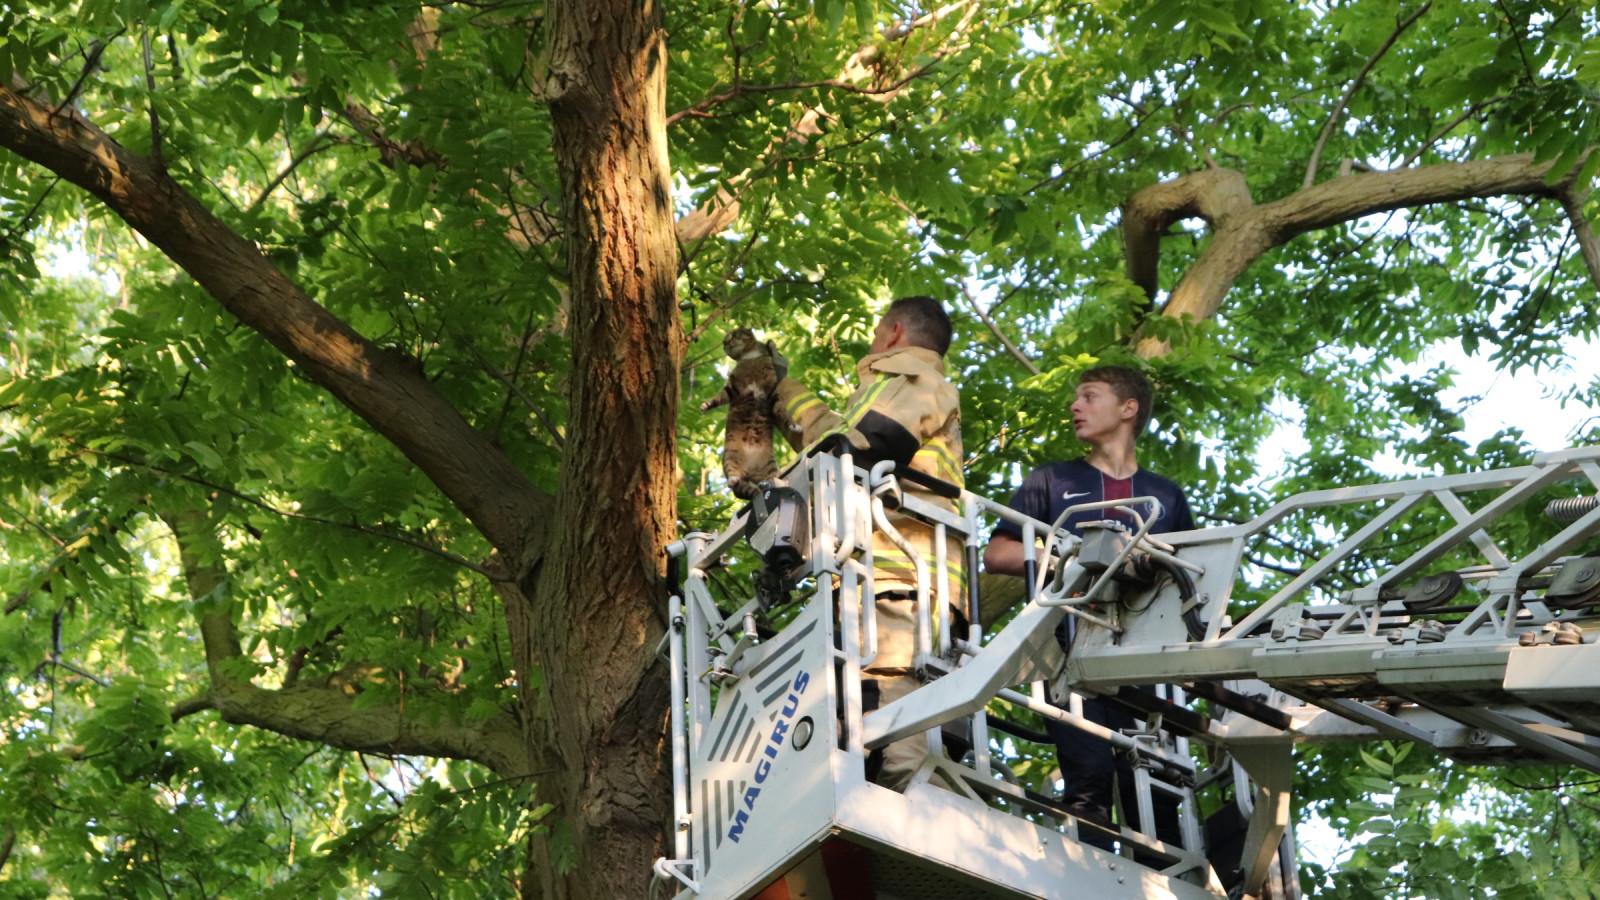 Brandweer redt kat en jongen uit boom in Noord